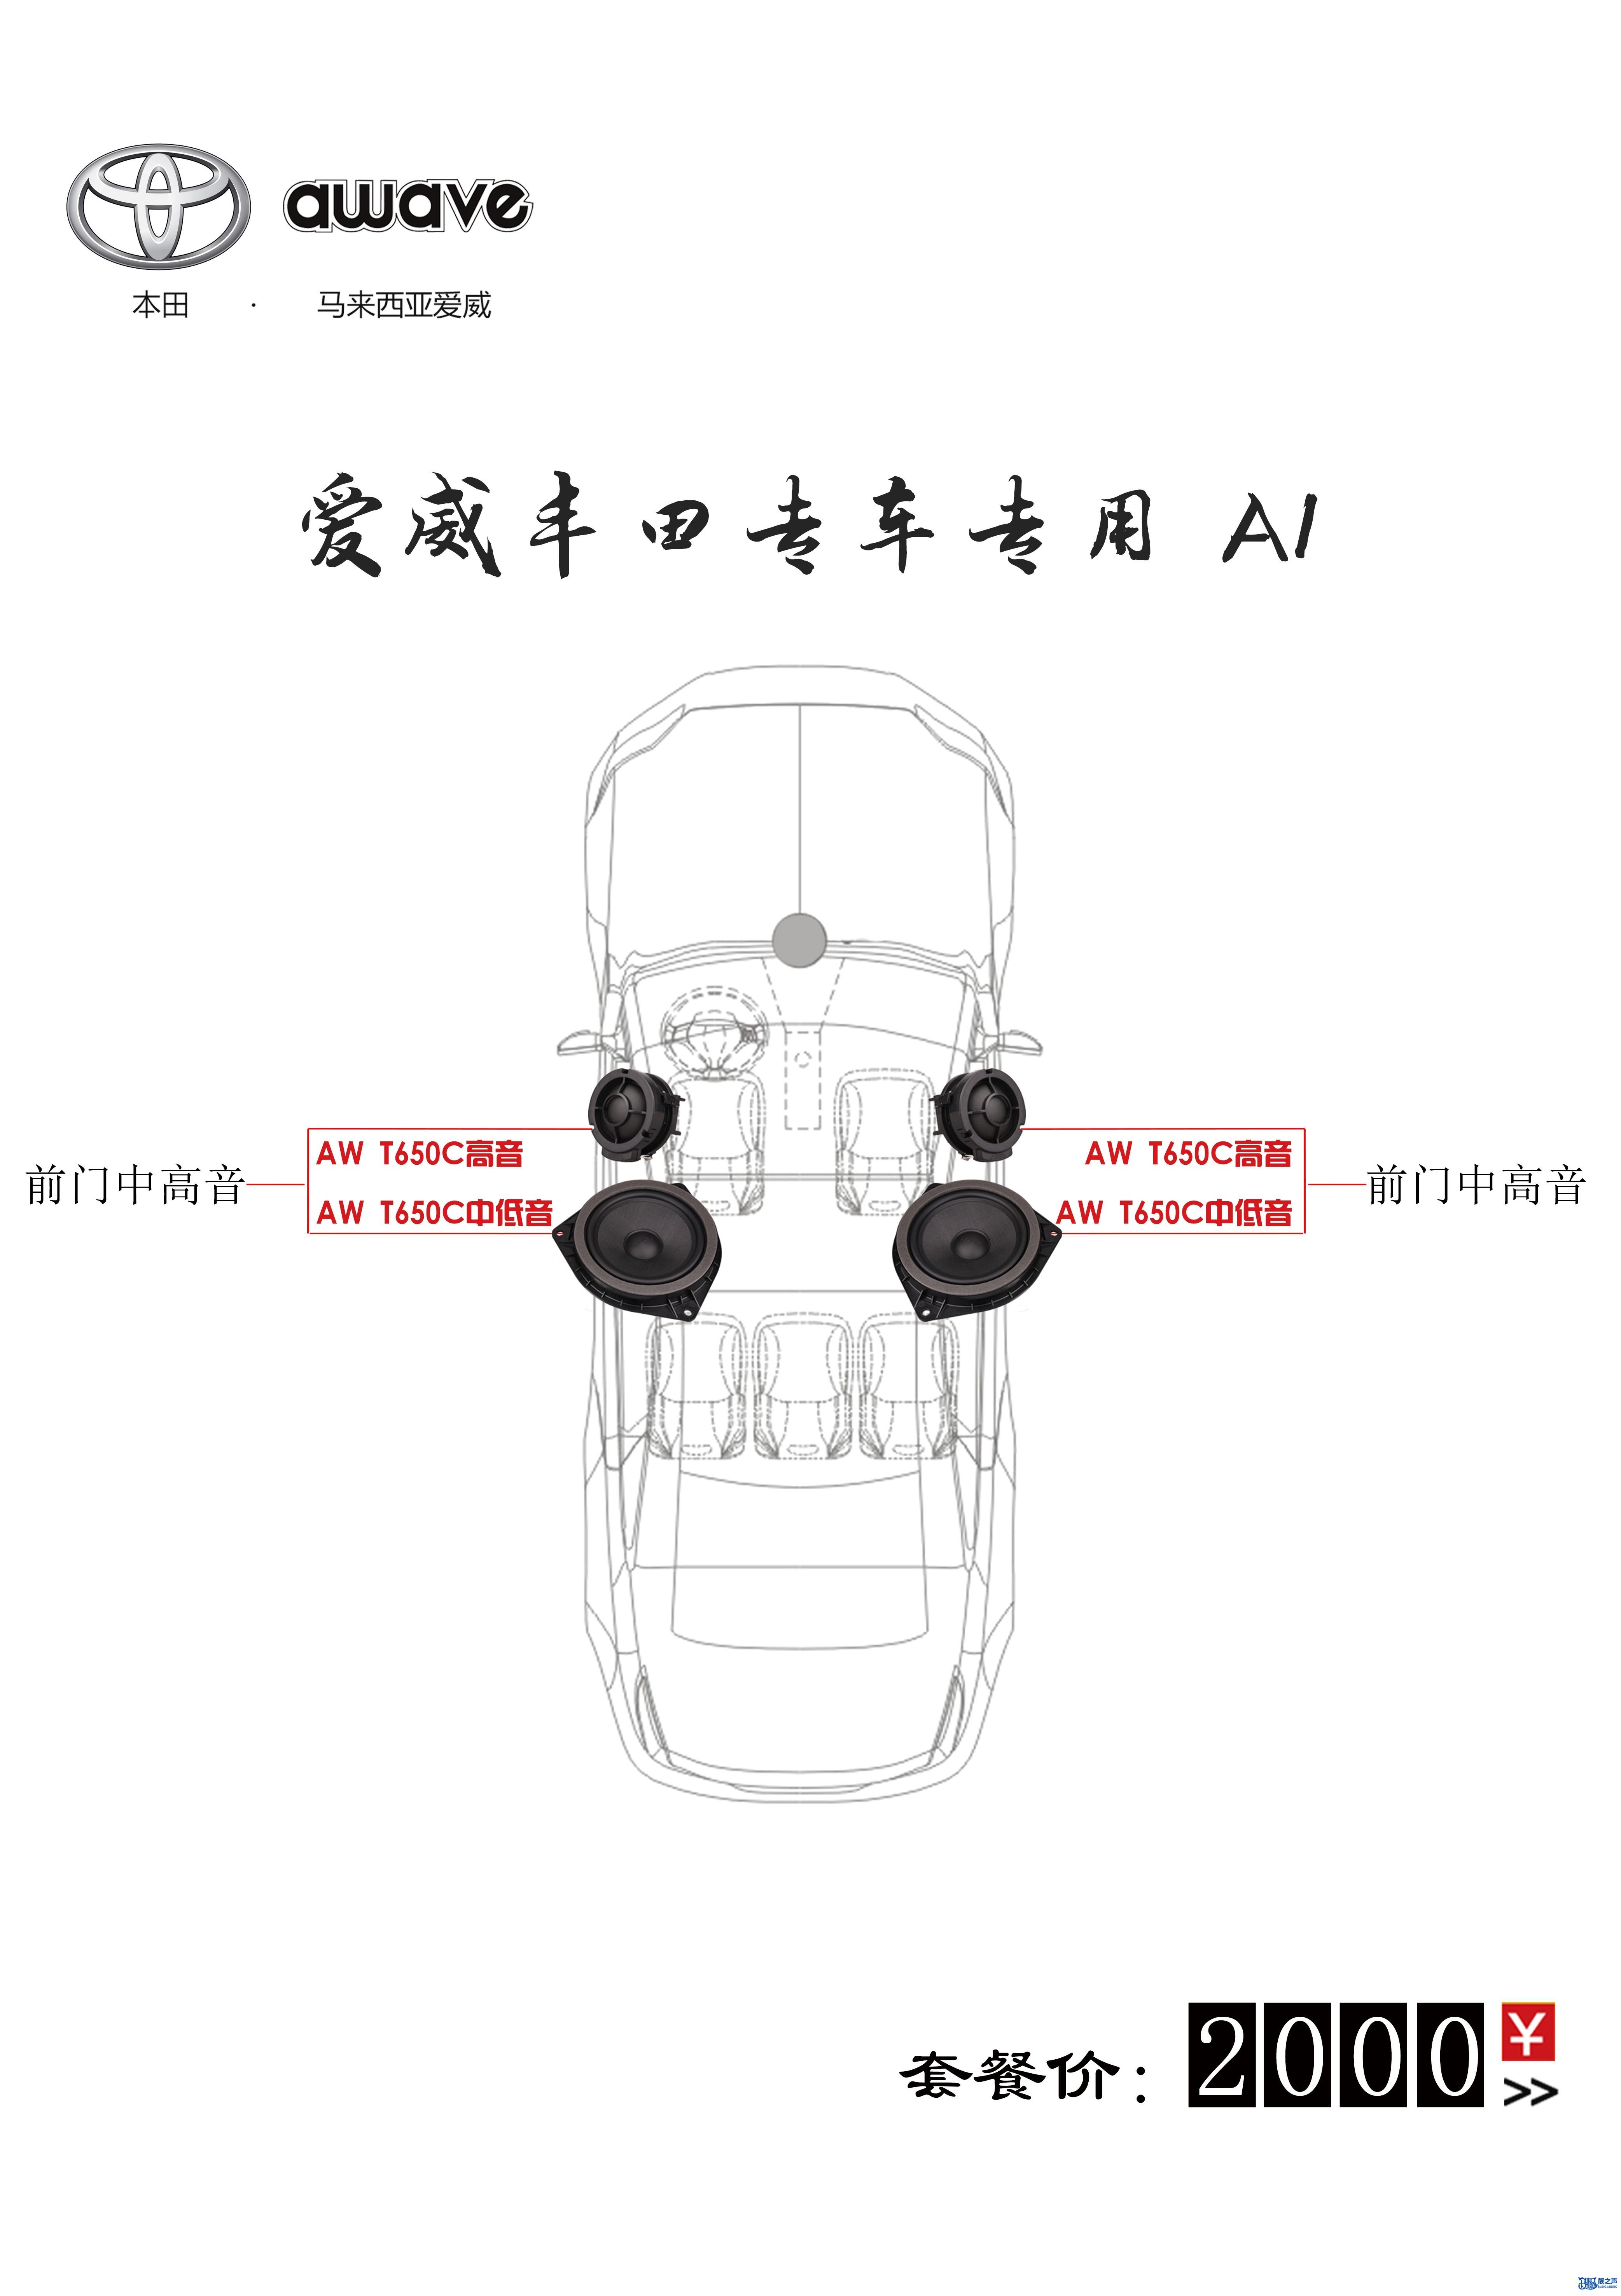 爱威丰田专车专用  A1.jpg